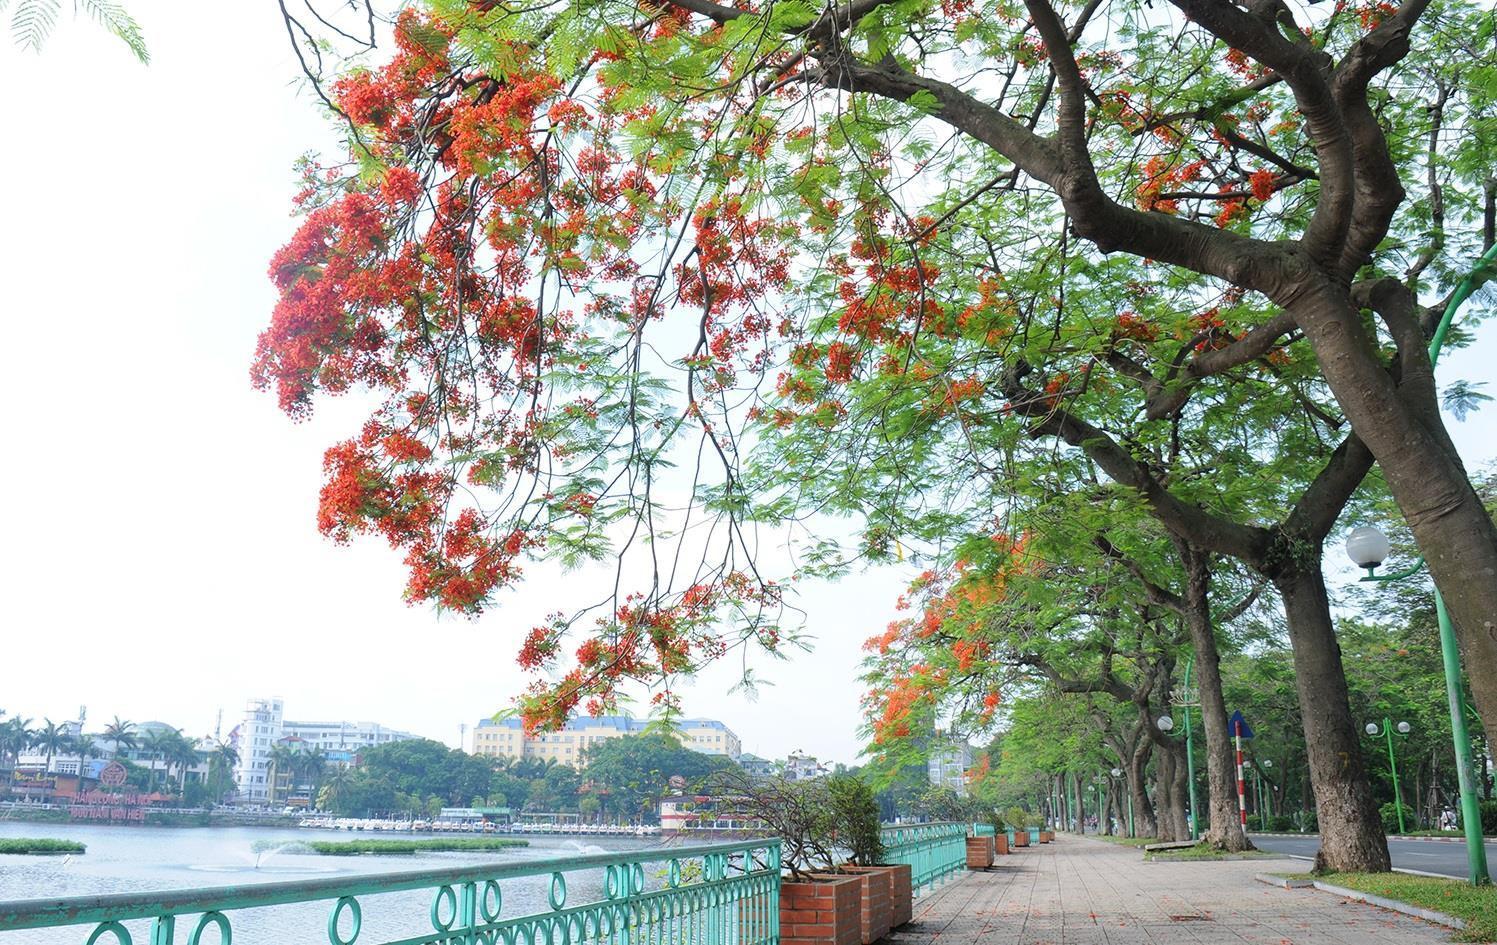 Hà Nội rực rỡ trong những sắc hoa mùa hè Ảnh 26